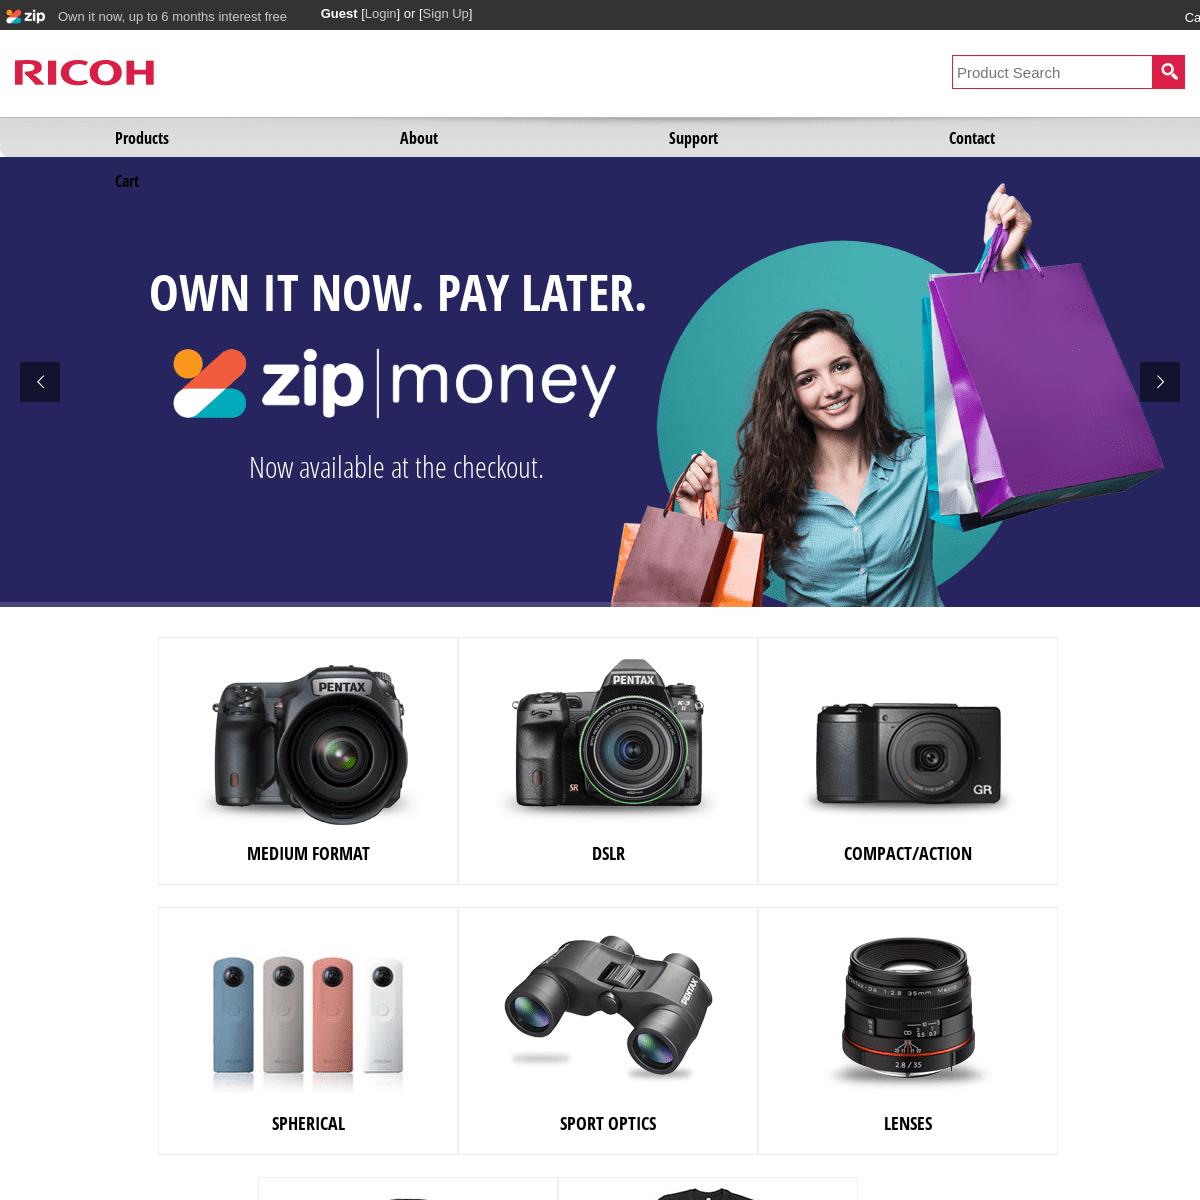 Digital Cameras, Video Cameras & Accessories - Ricoh Australia